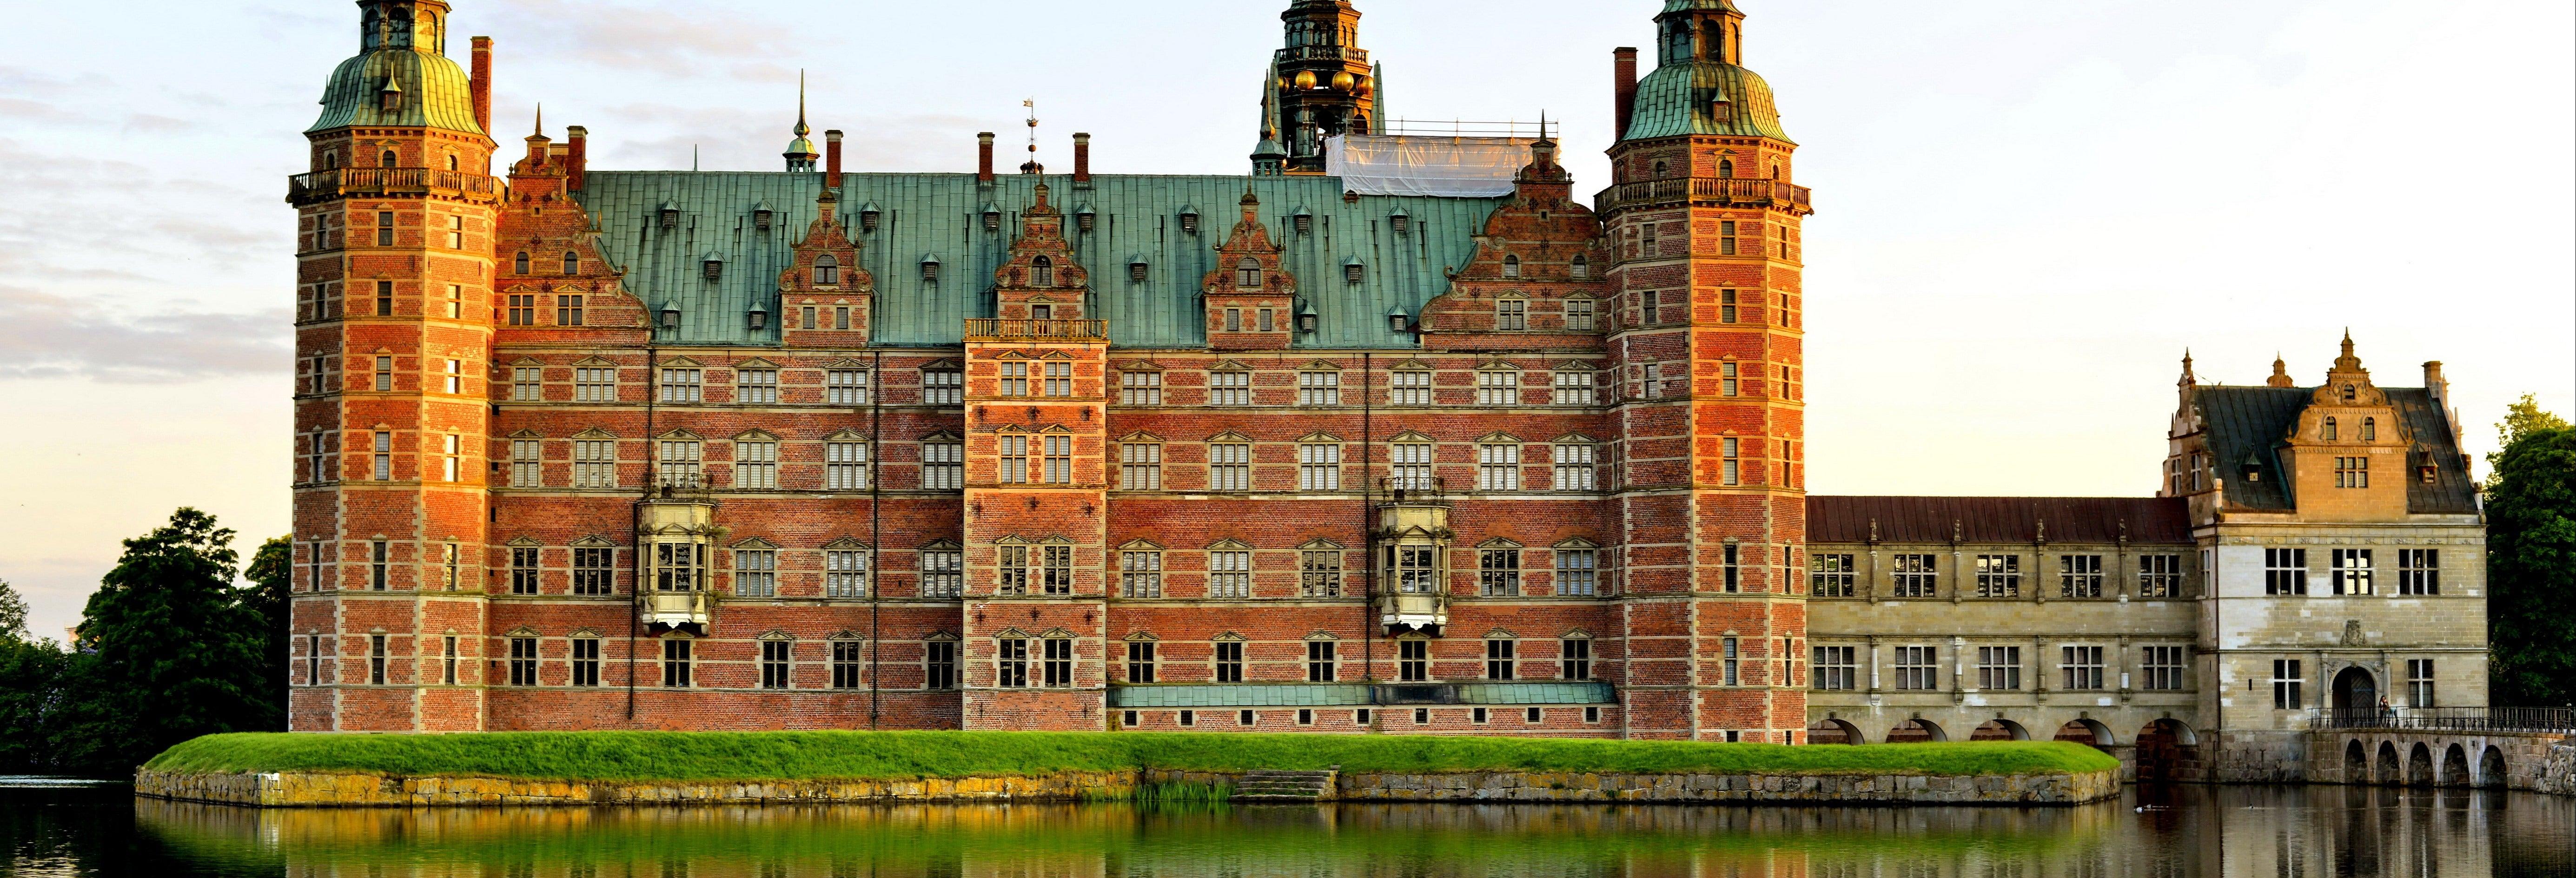 Excursion au château de Frederiksborg